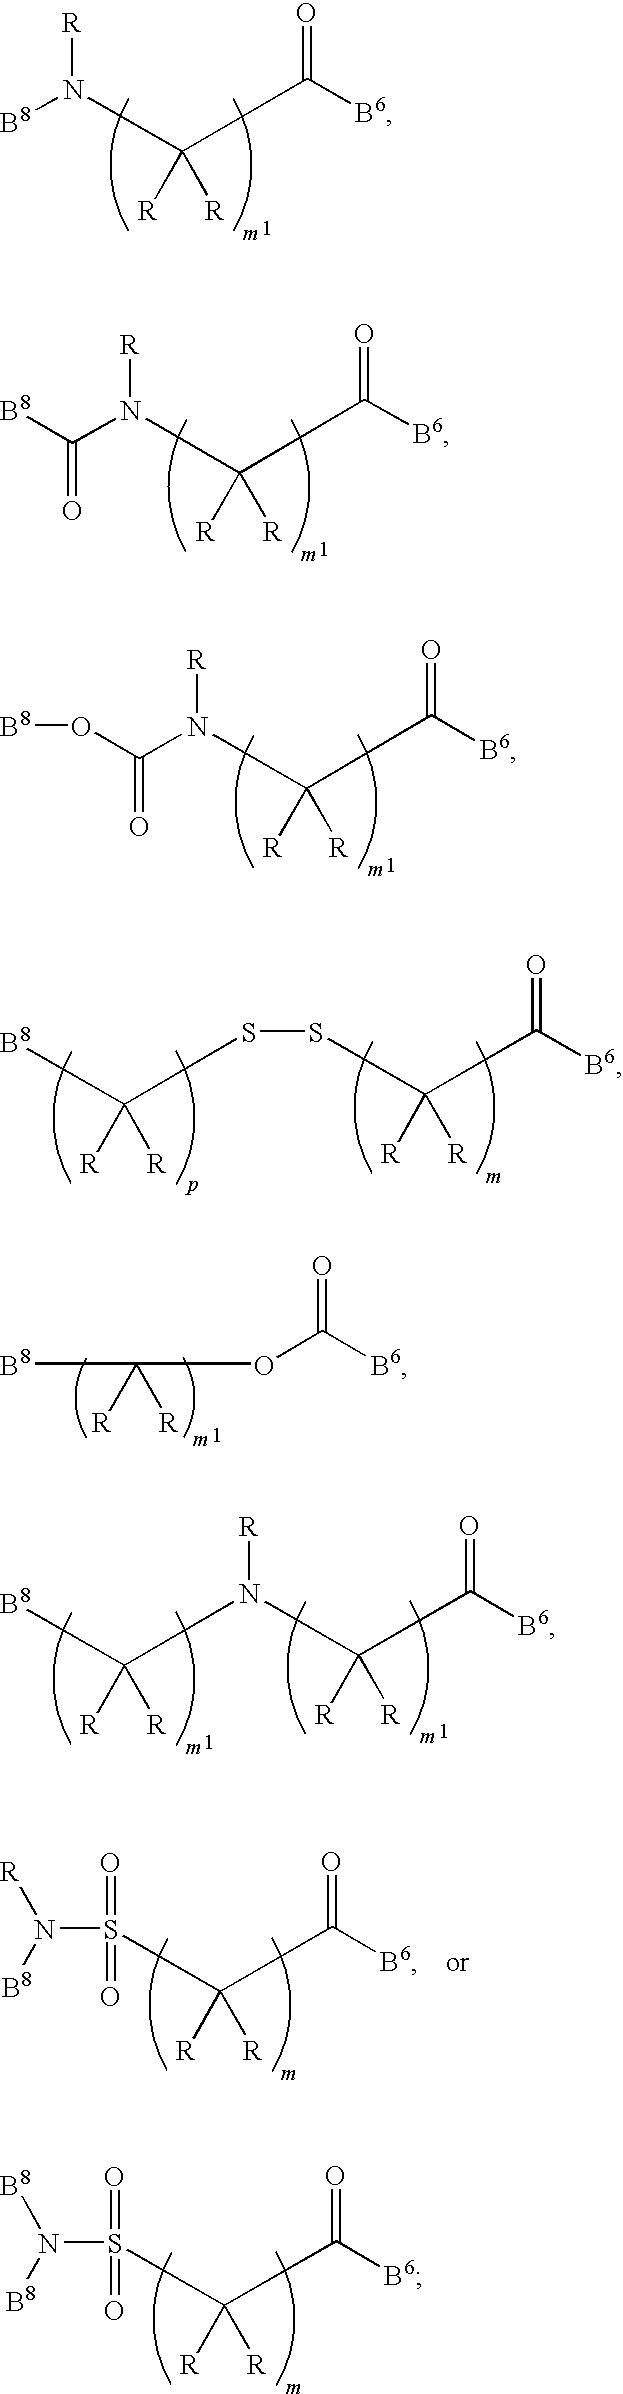 Figure US07723512-20100525-C00080